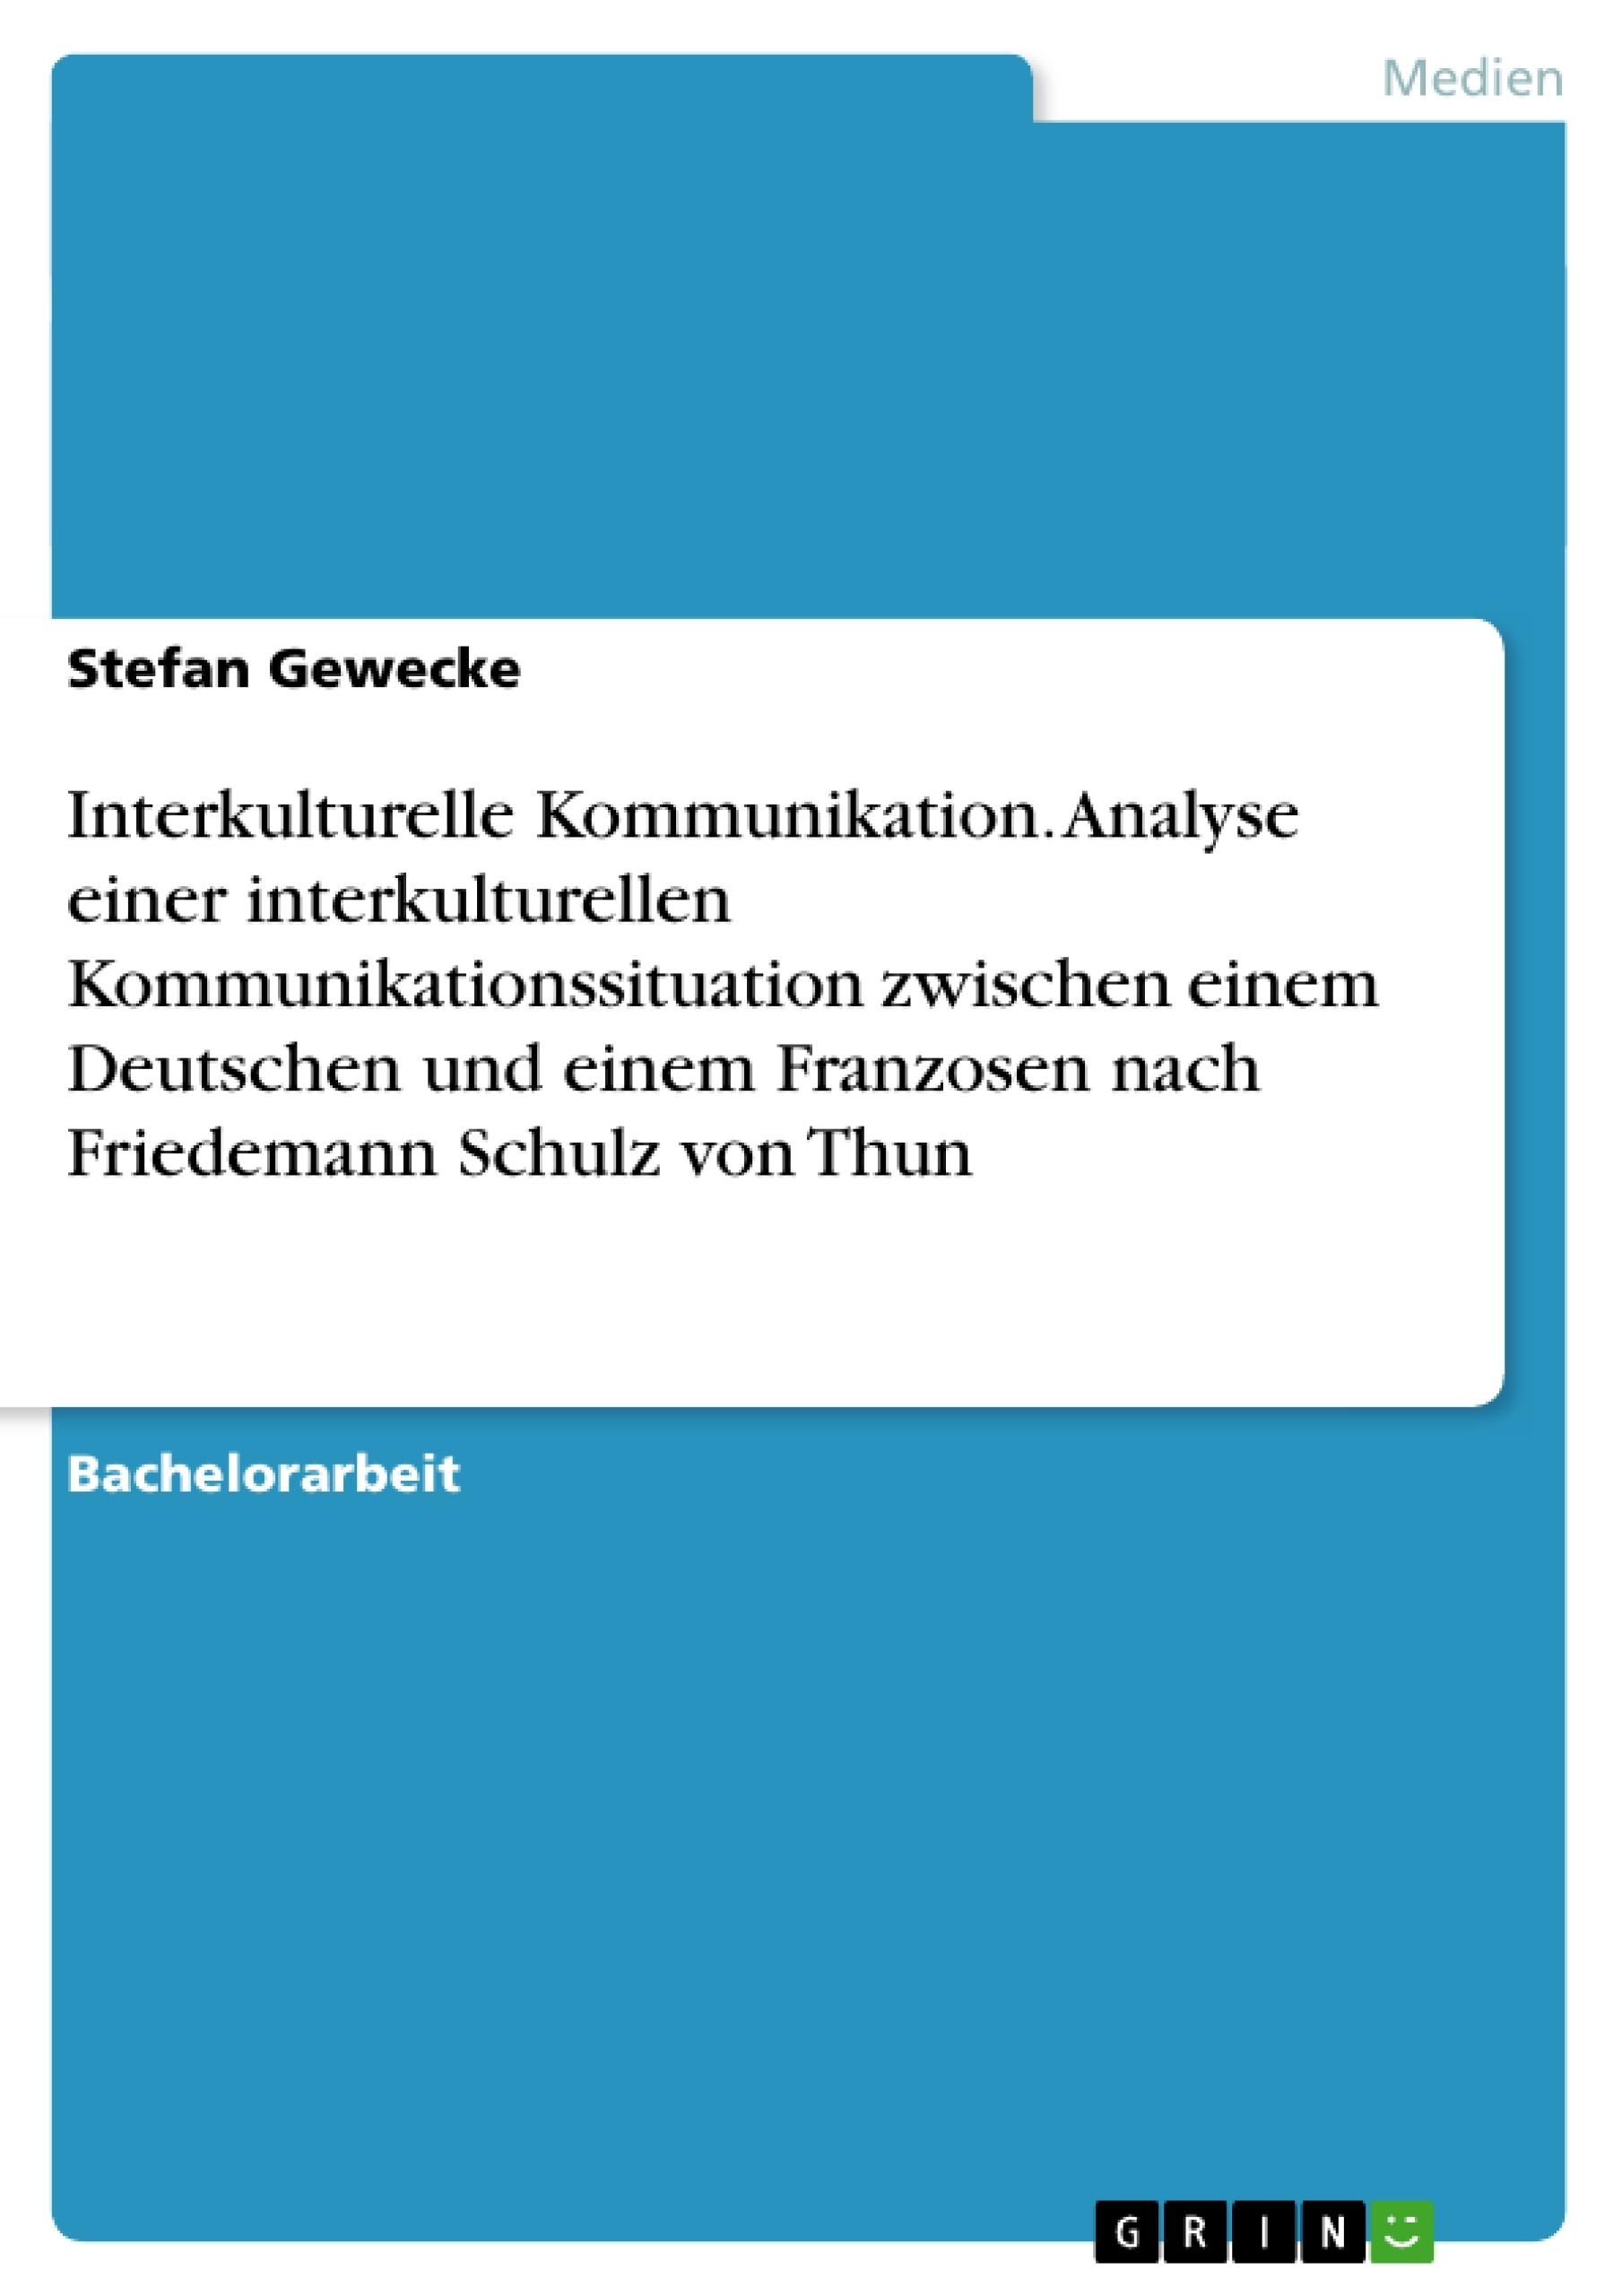 Titel: Interkulturelle Kommunikation. Analyse einer interkulturellen Kommunikationssituation zwischen einem Deutschen und einem Franzosen nach Friedemann Schulz von Thun